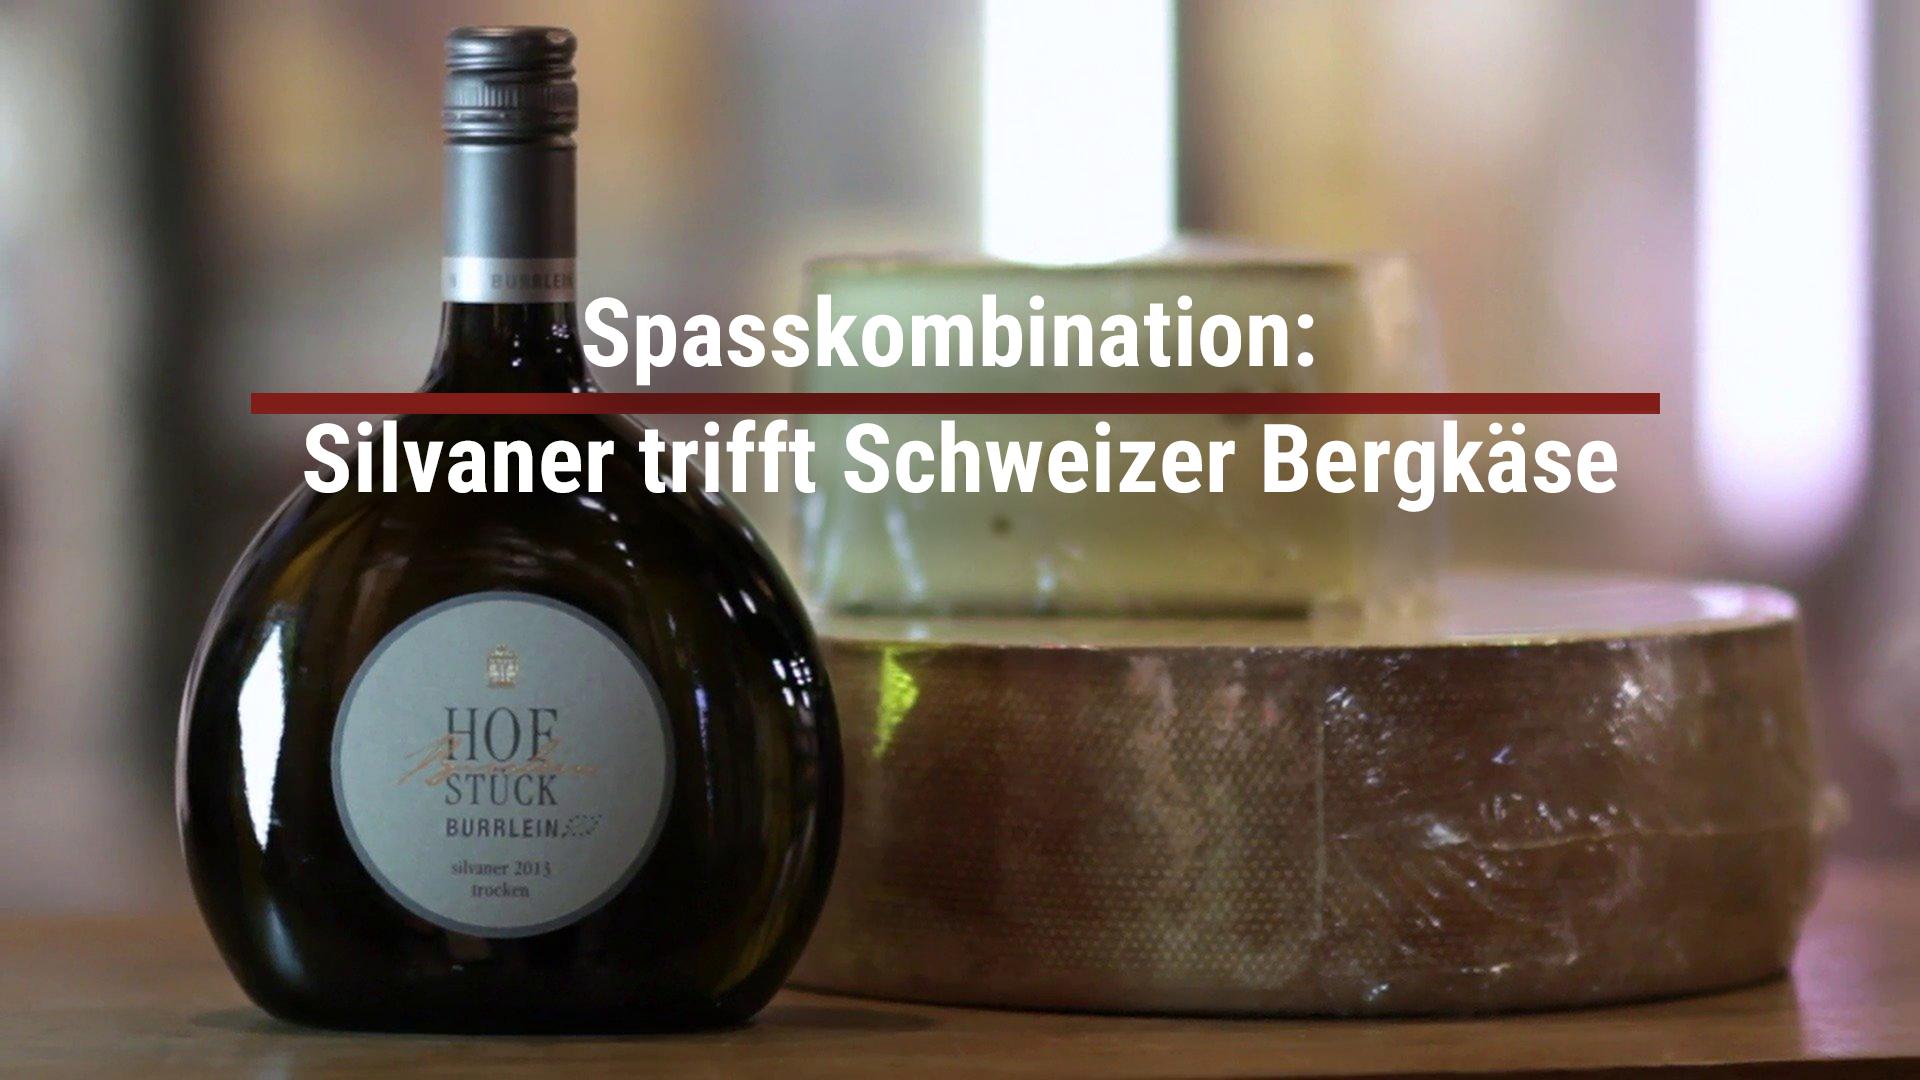 Spasskombination: Silvaner trifft Schweizer Bergkäse